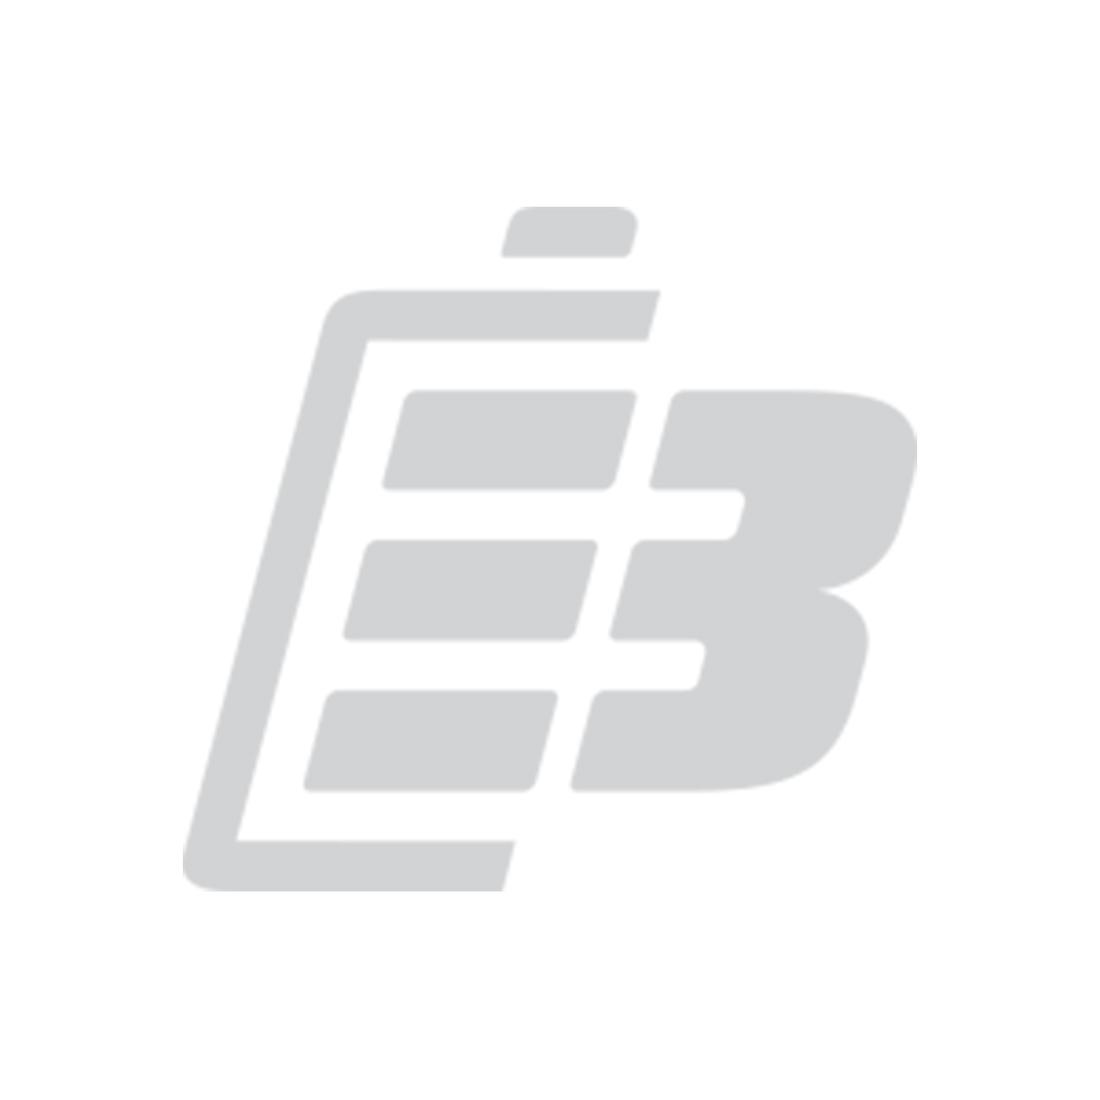 Μπαταρία ασύρματου τηλεφώνου Siemens Gigaset SL78H_1